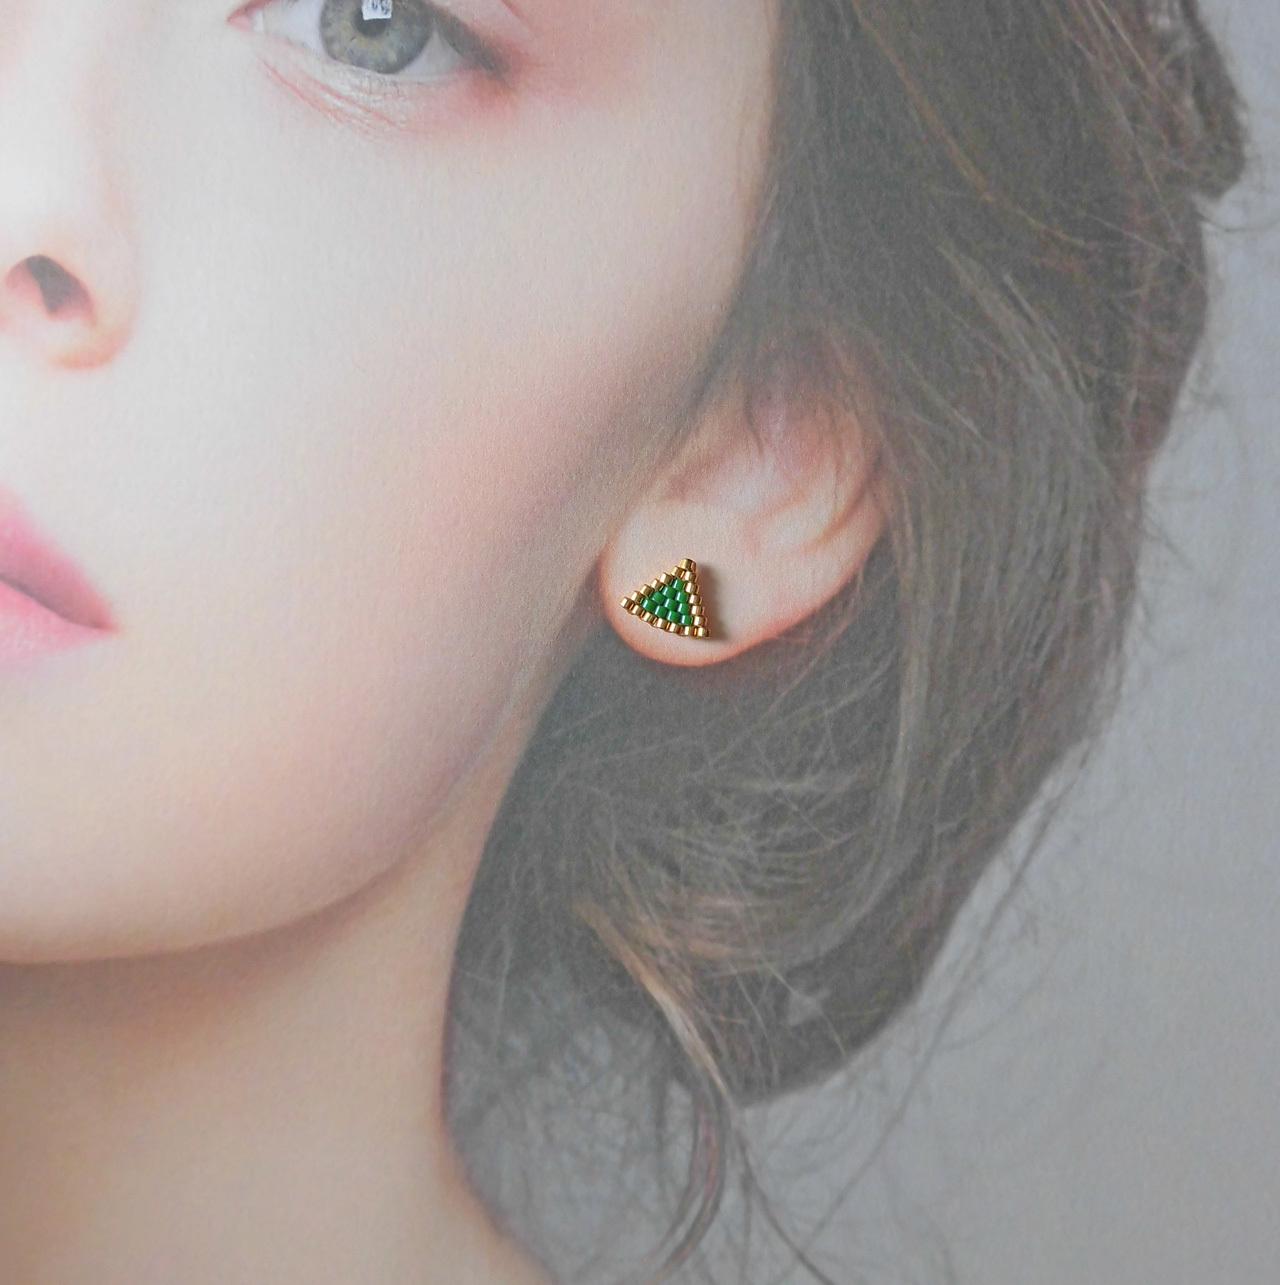 ★新色入荷★ manokoko 三角miniビーズ ピアス【14KGF】ハンドメイド アクセサリー